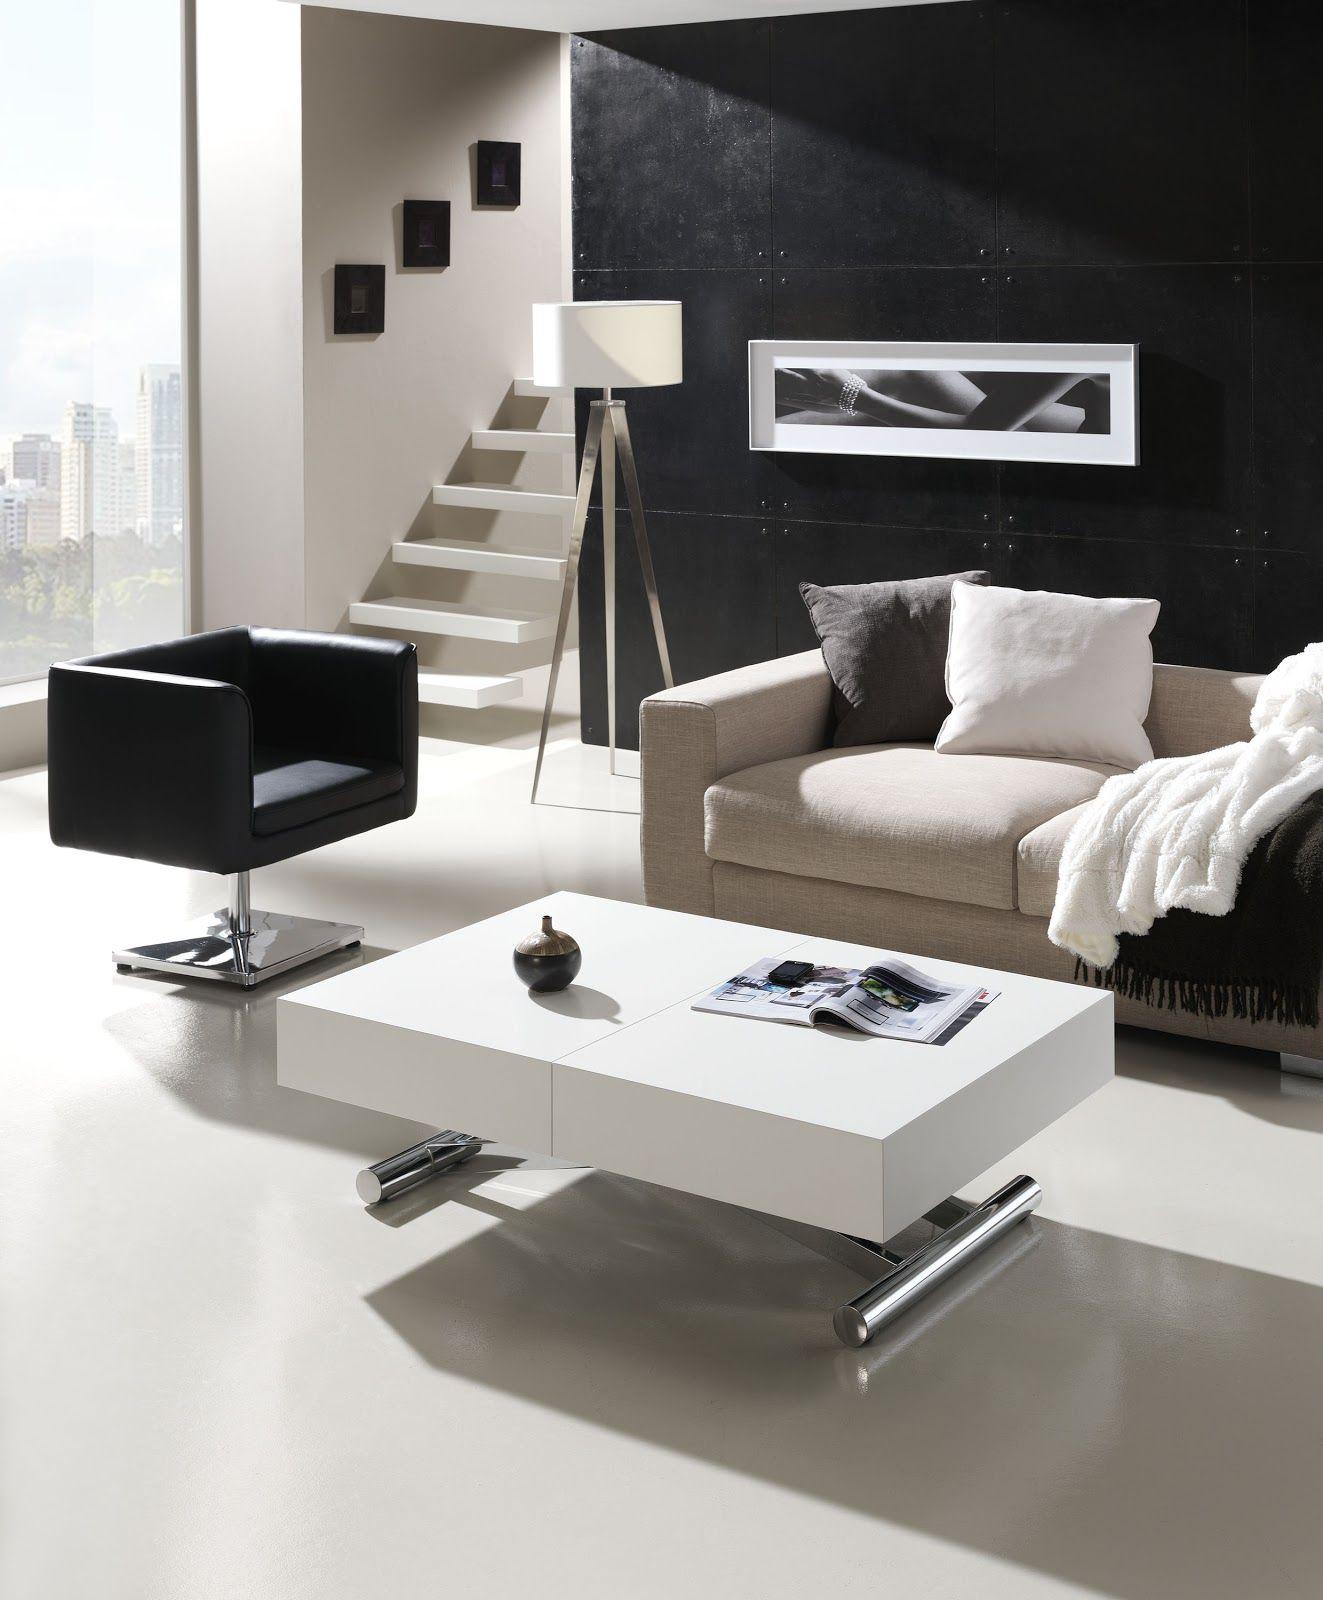 muebles para espacios reducidos mesa extensible y elevable a comedor